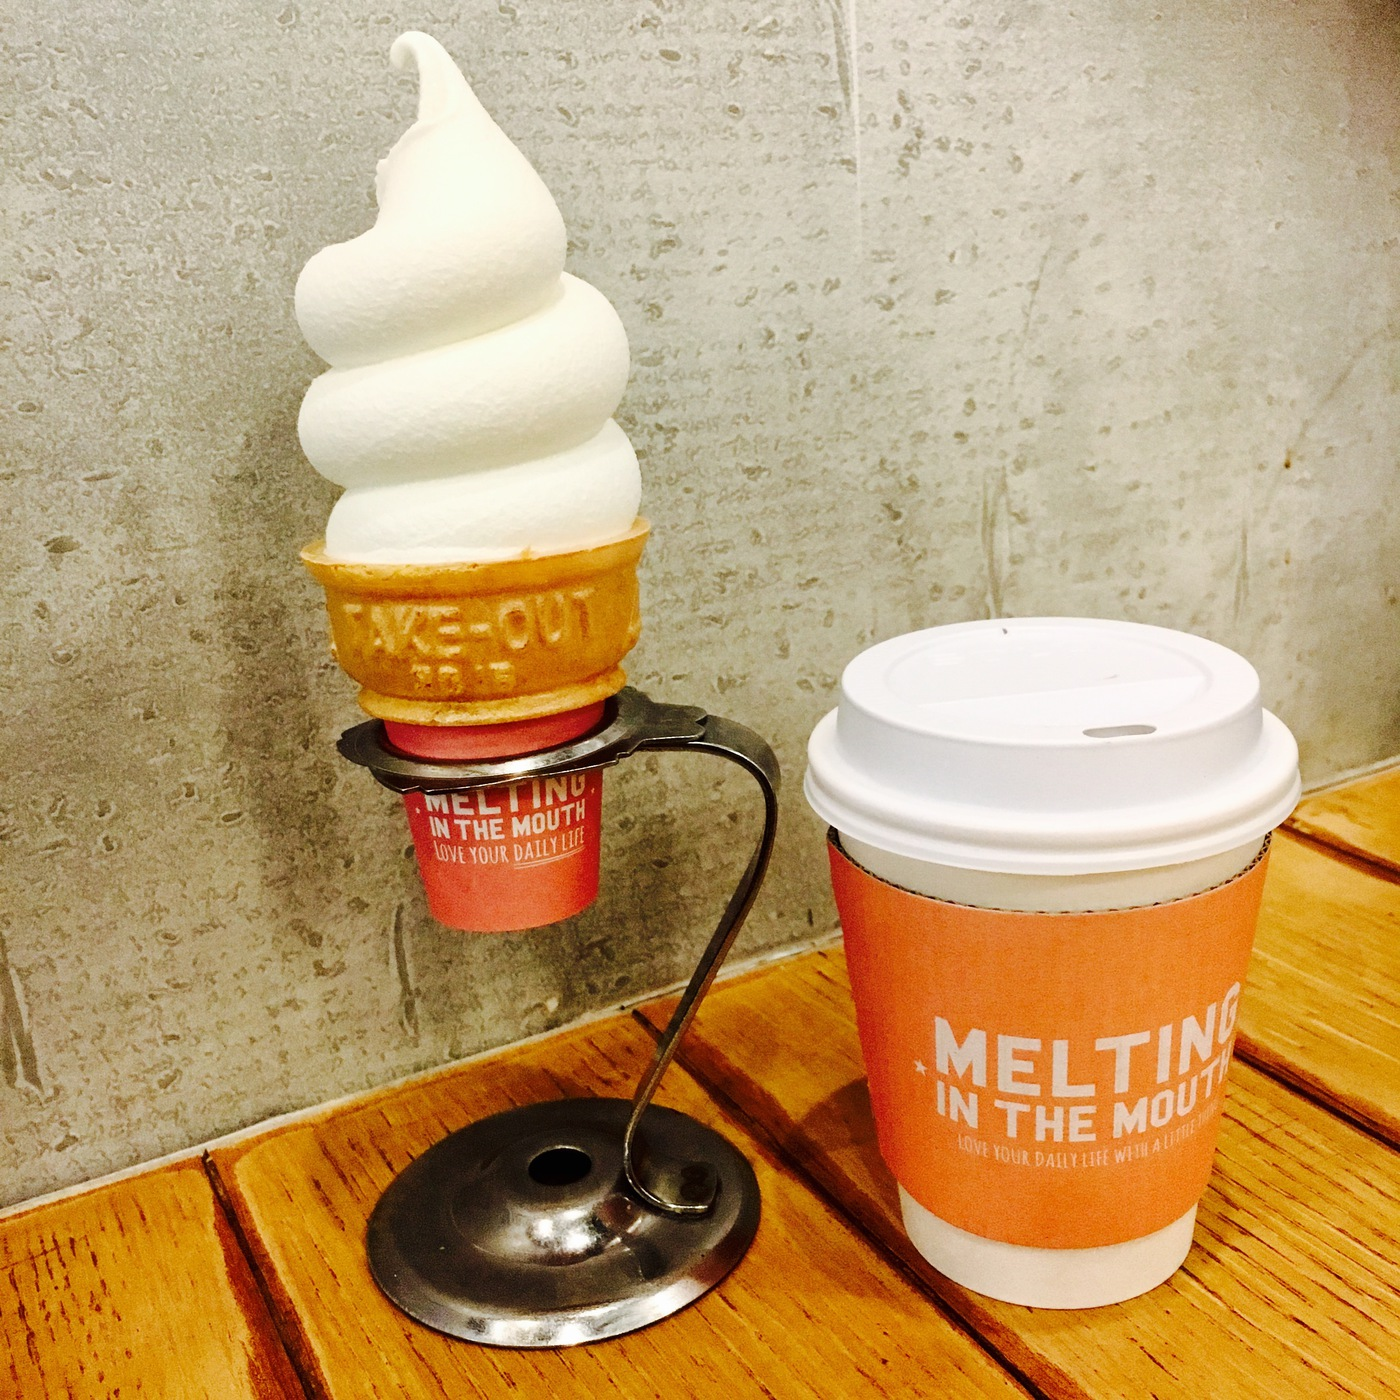 広尾に来たら訪れたい♡広尾駅周辺のおしゃれカフェ4選!の画像